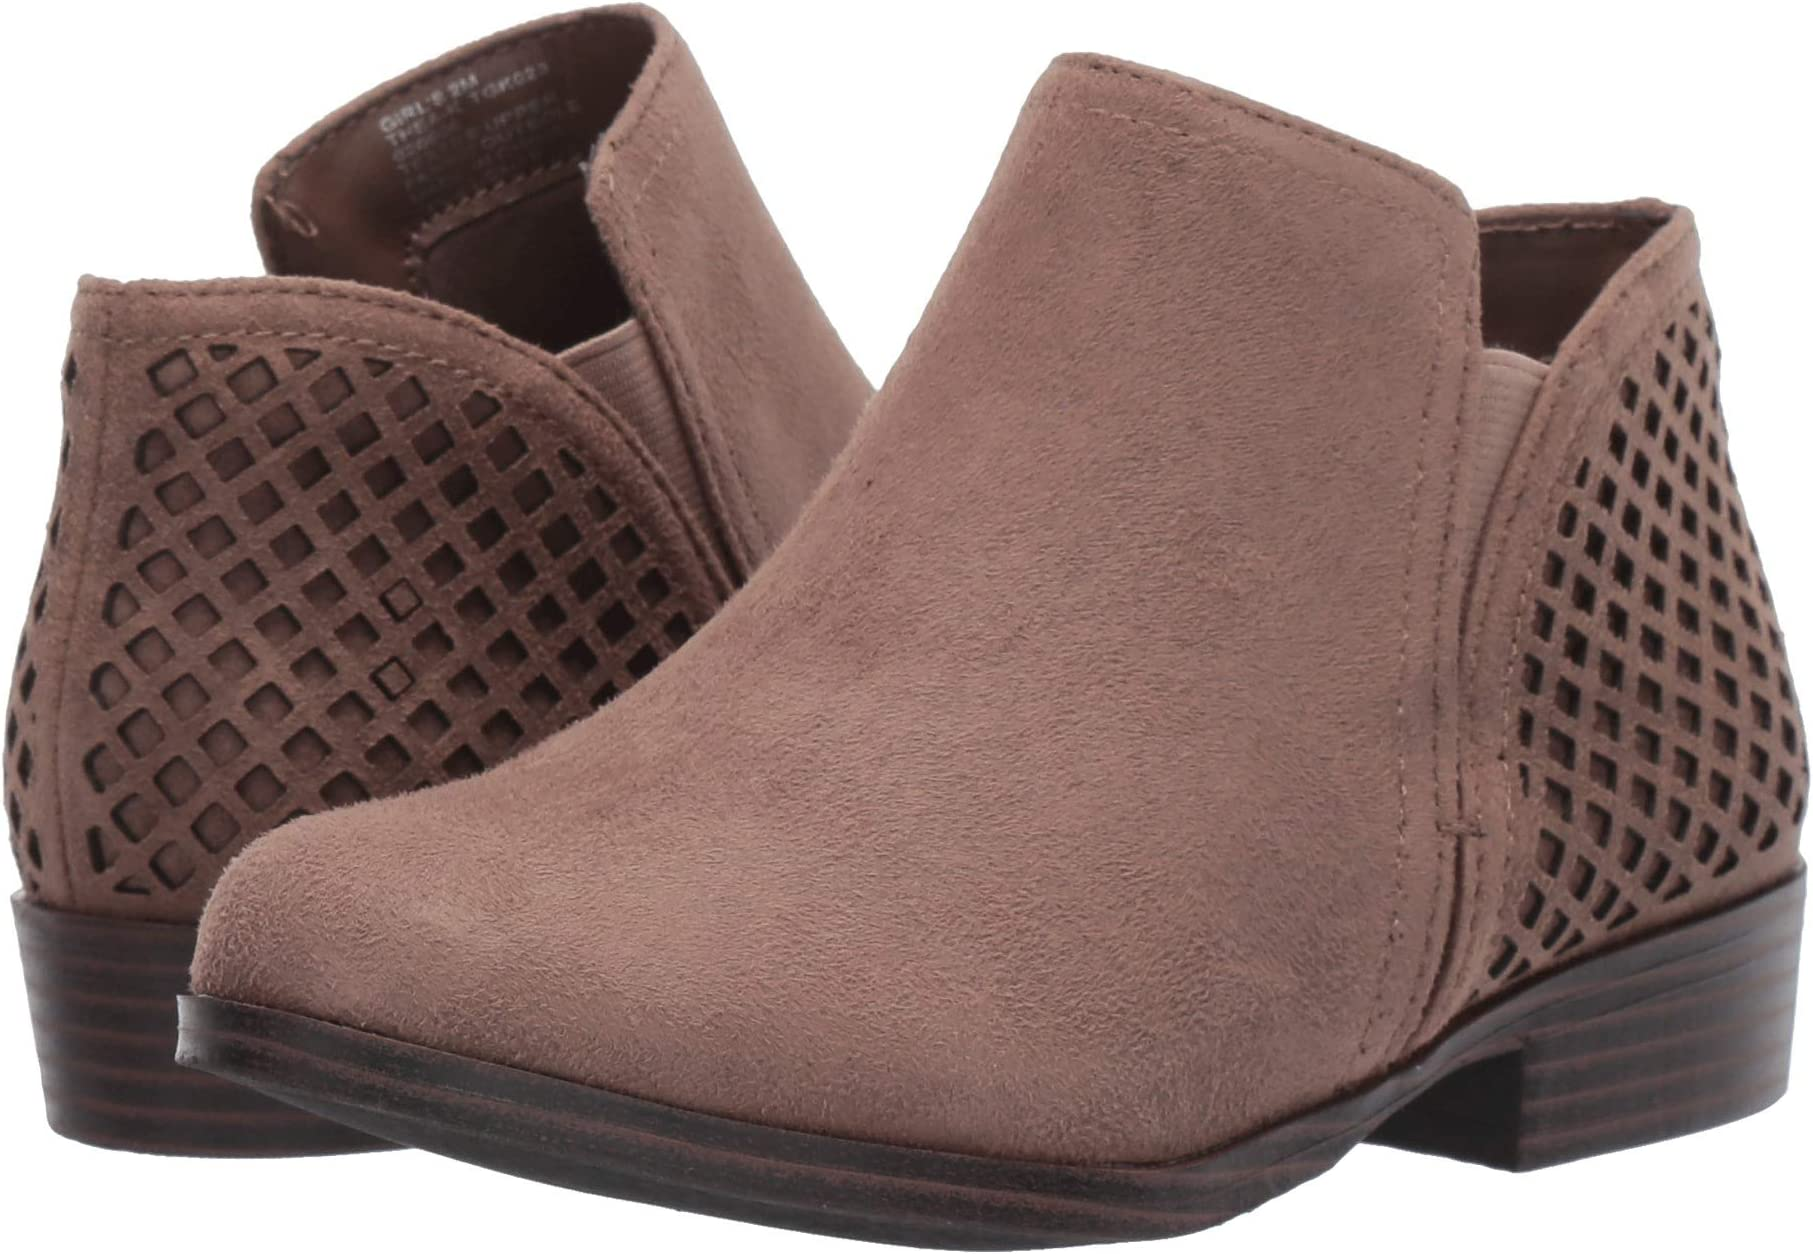 0798cc8471 Girls' Shoes | Zappos.com